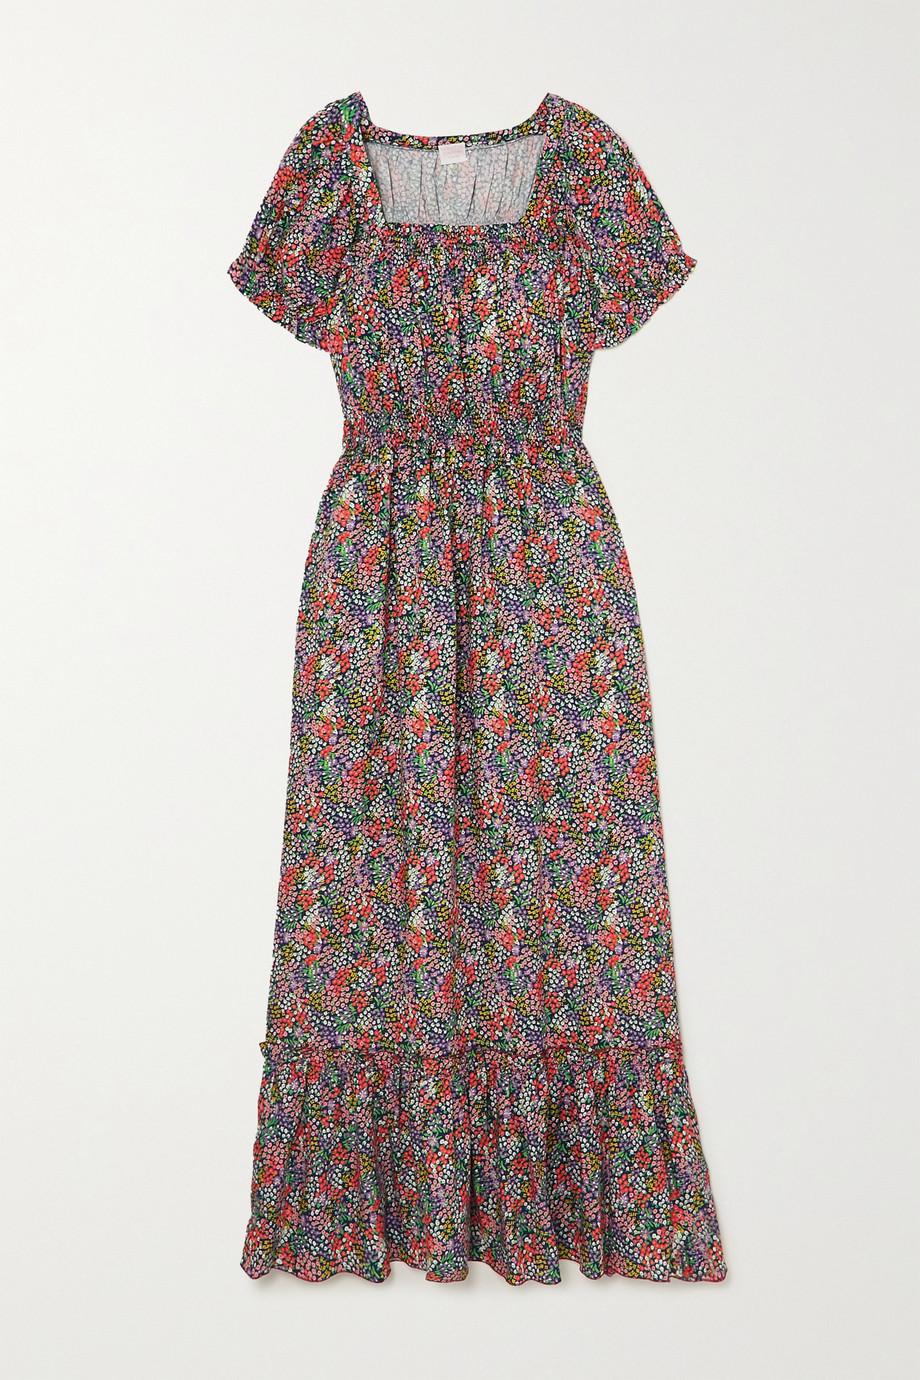 Loretta Caponi Stefania ruffled shirred floral-print poplin midi dress